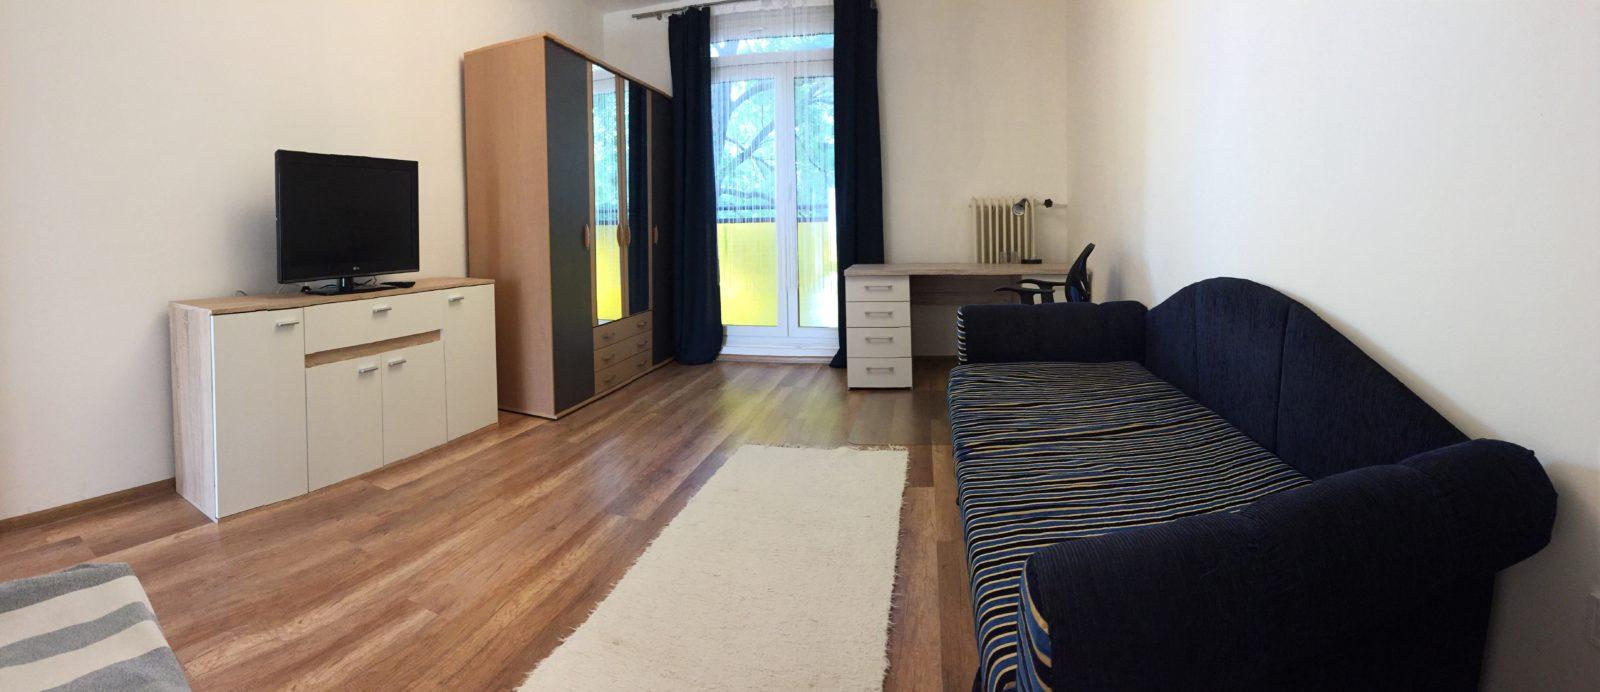 Egyetemvárosban 2 szobás lakás!